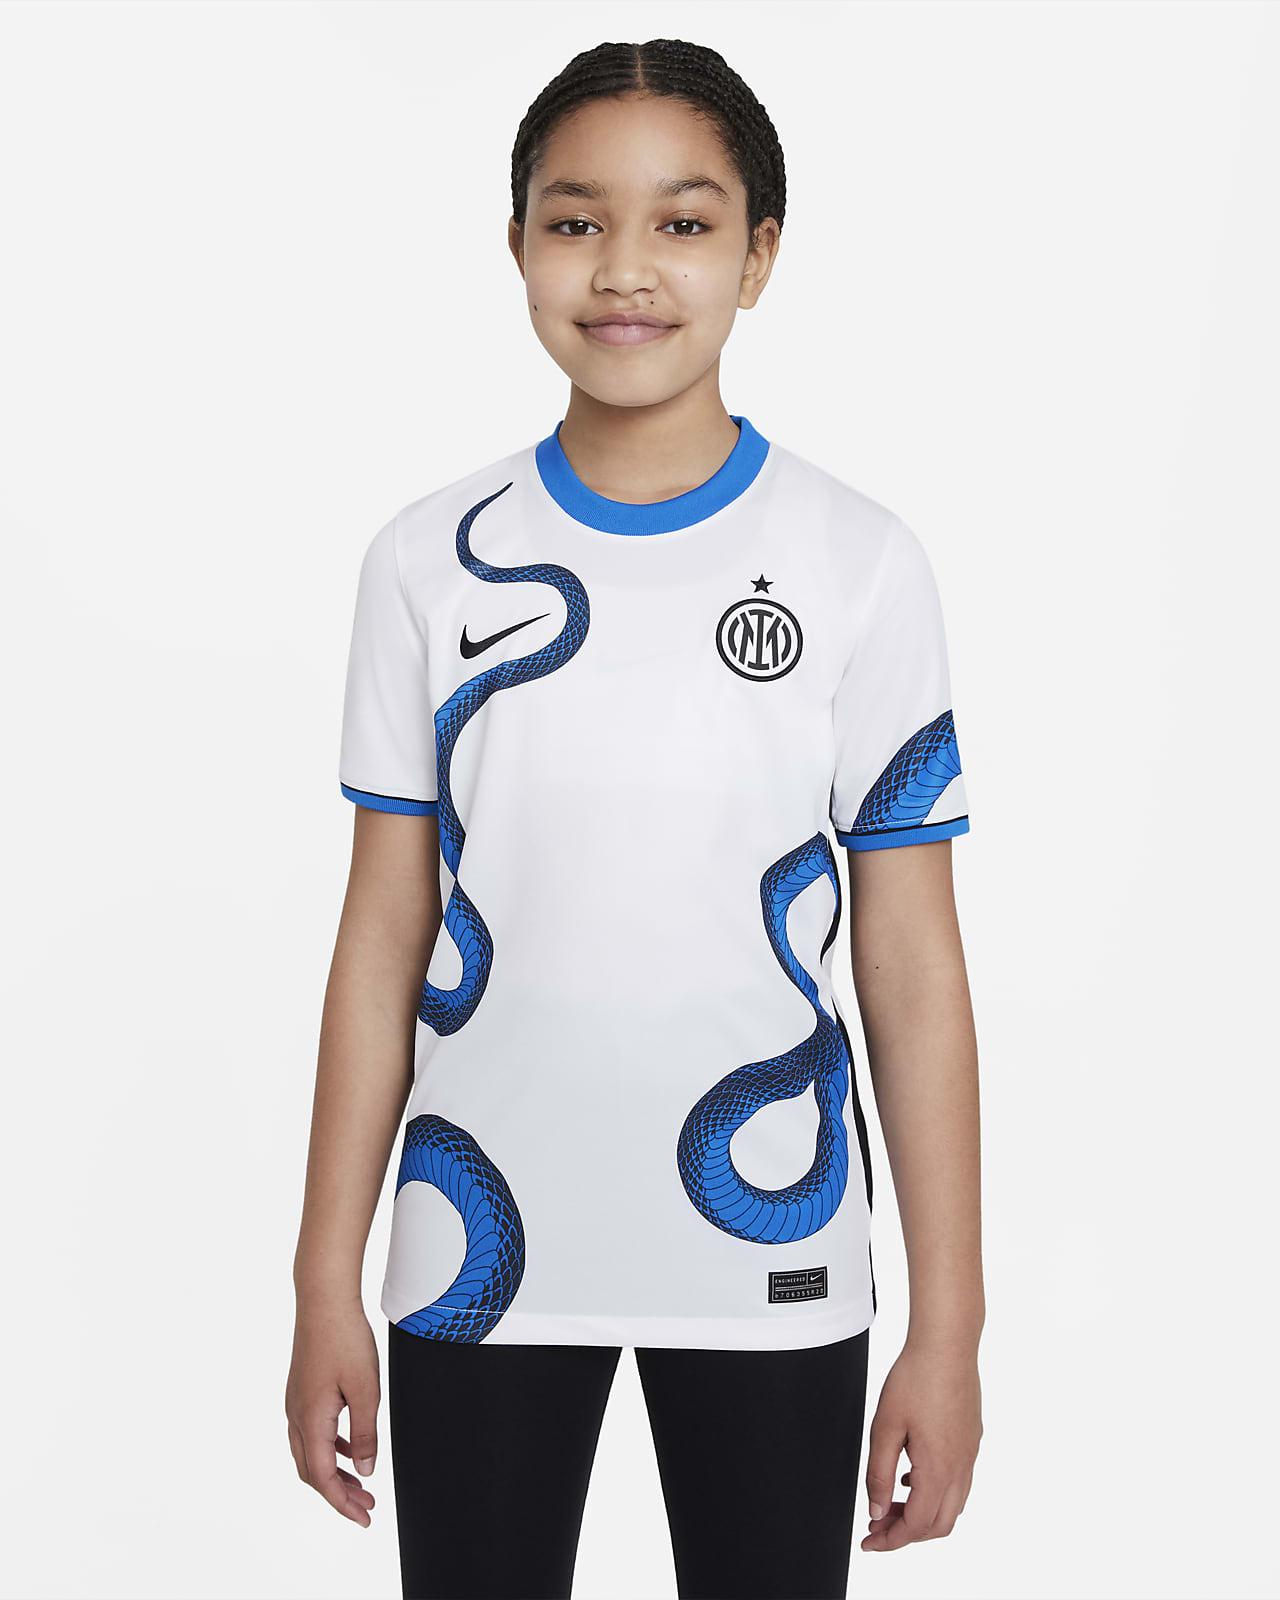 Inter Milan 2021/22 Stadium Away Older Kids' Nike Dri-FIT Football Shirt